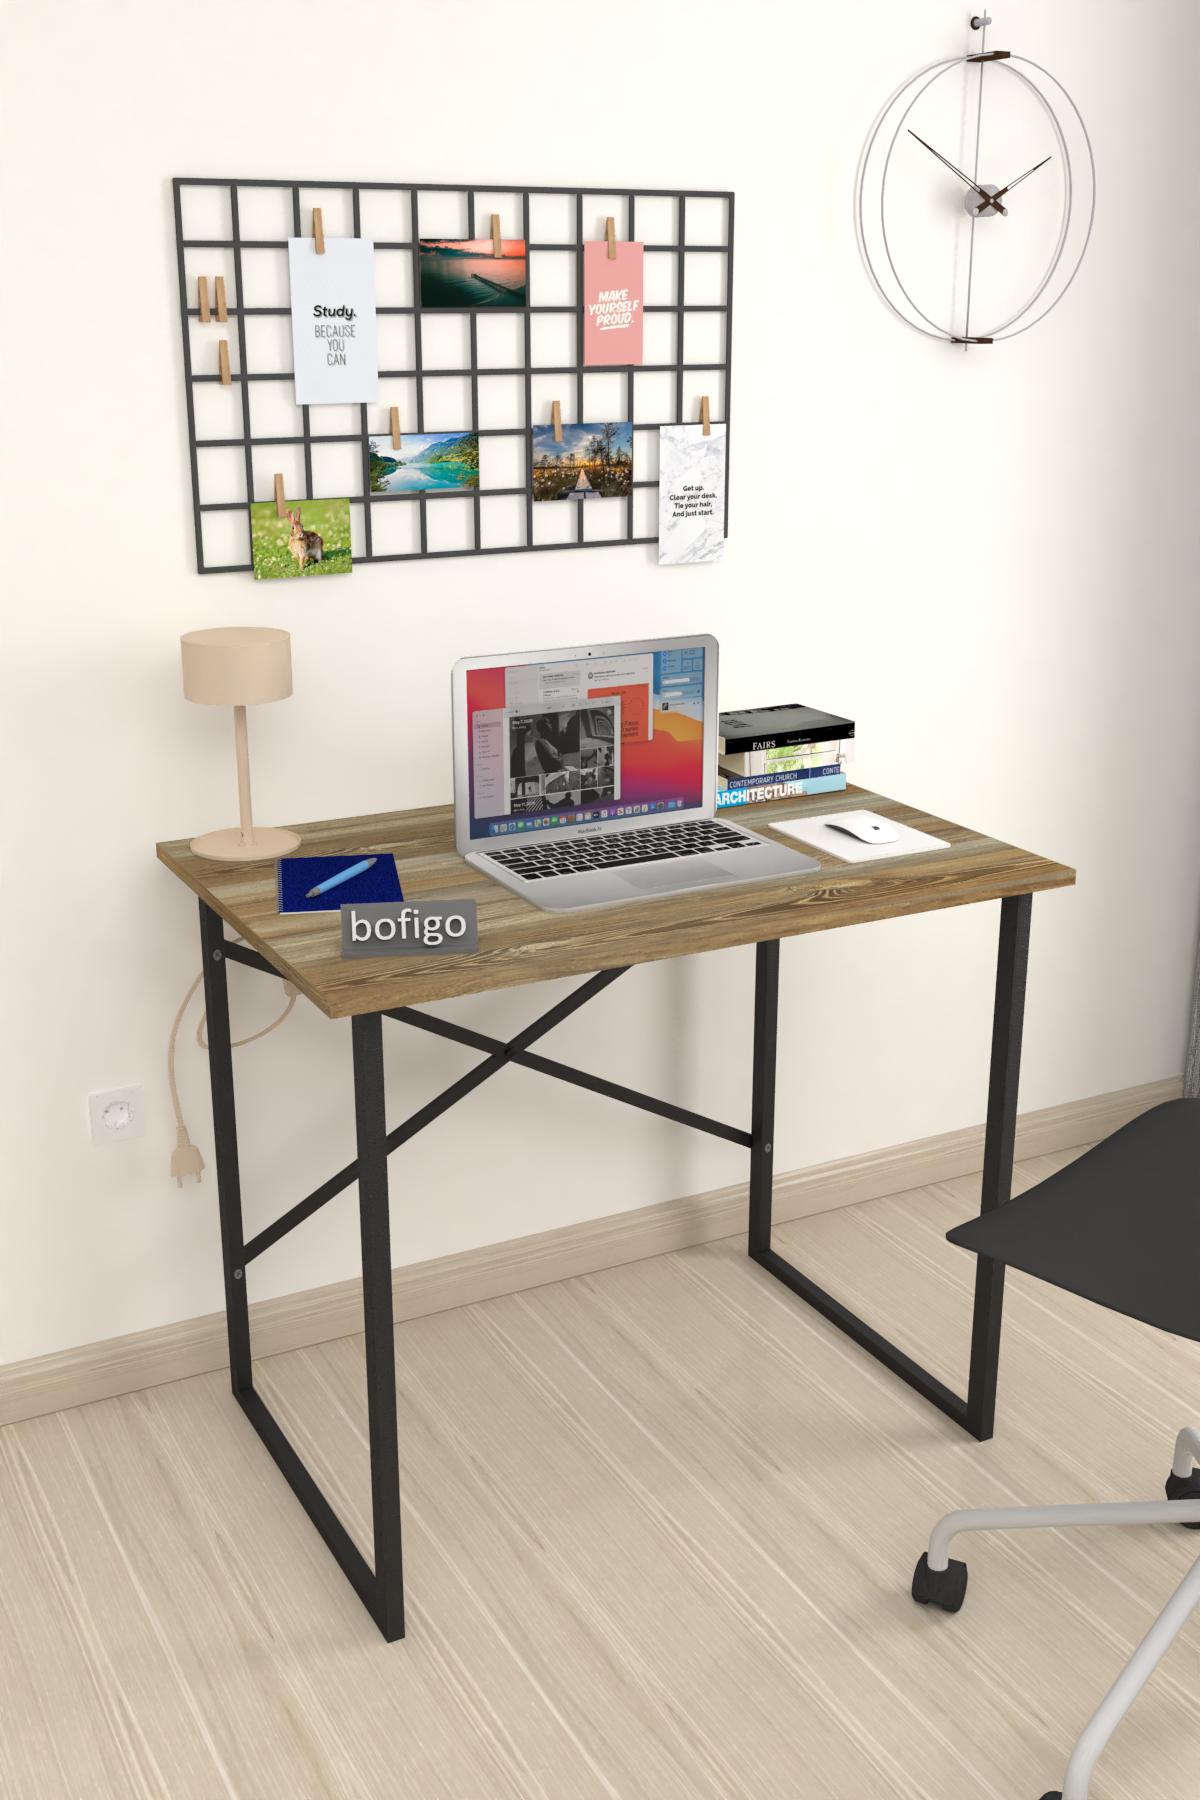 Bofigo Desk 60x90 cm Patik